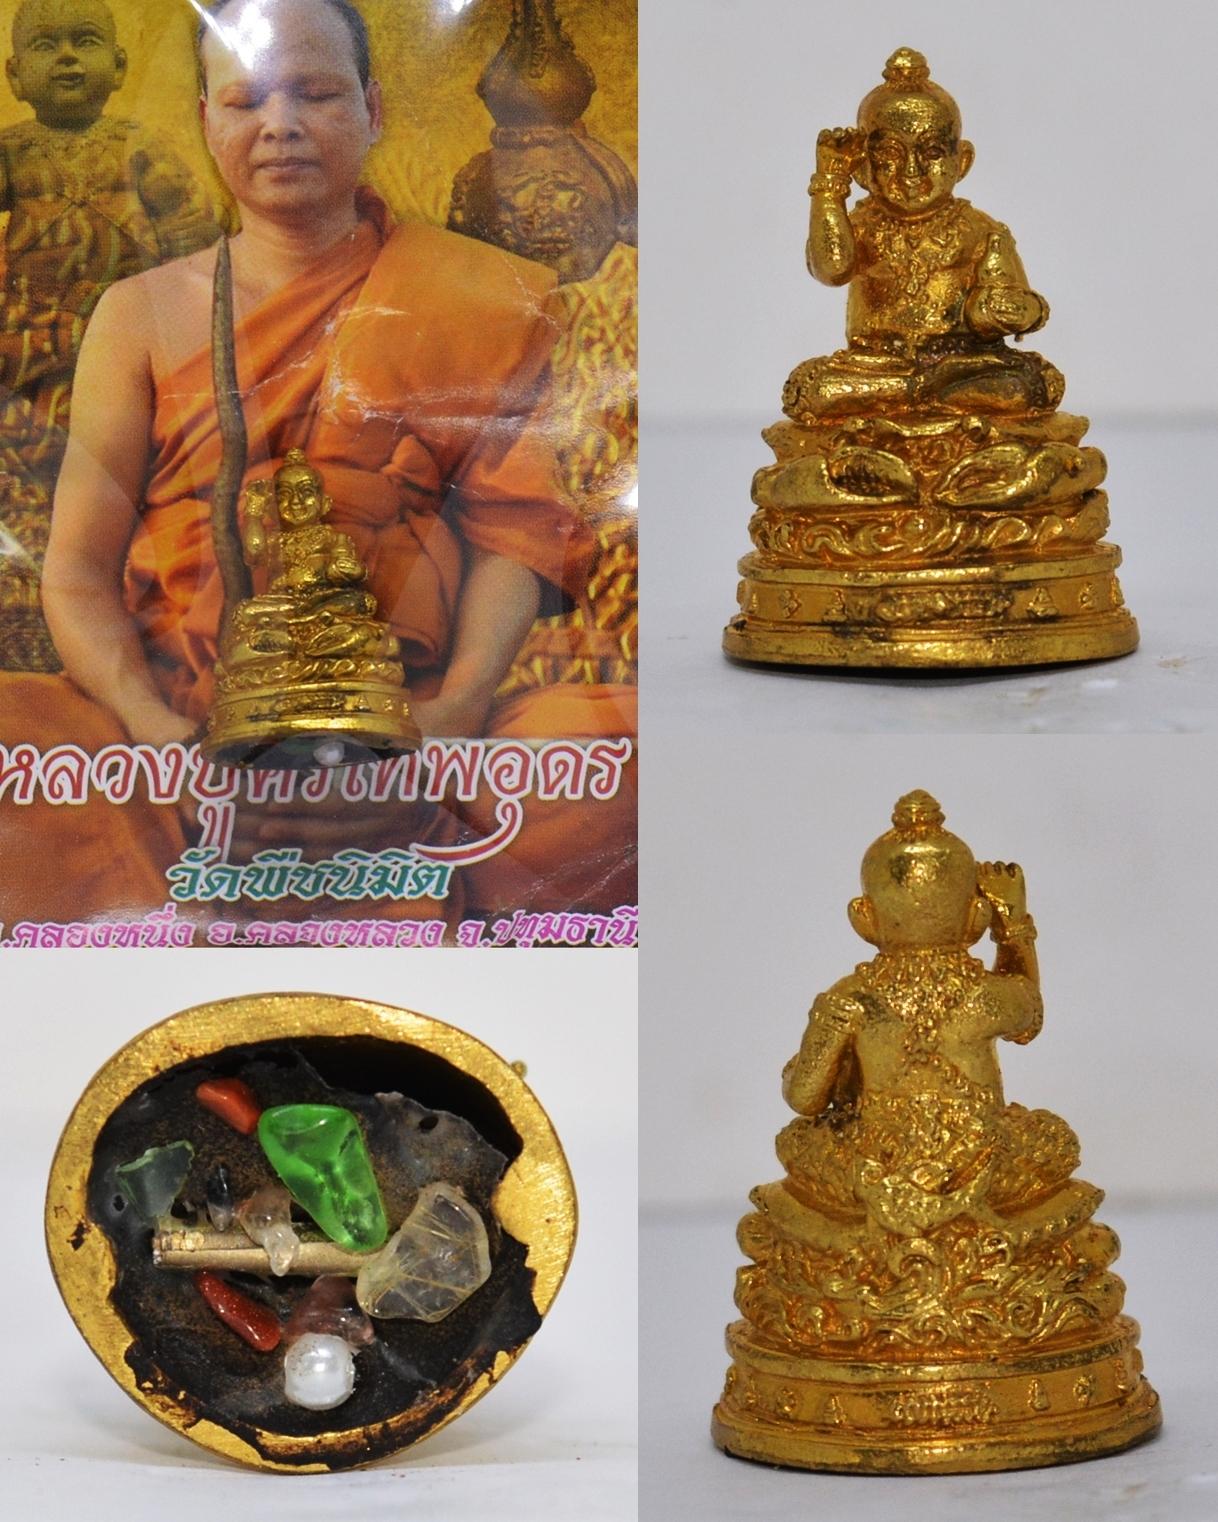 กุมารปูหนีบทรัพย์ ขนาดพกพา สีทอง หลวงปู่ศรีเทพอุดร วัดพืชนิมิตร 2558